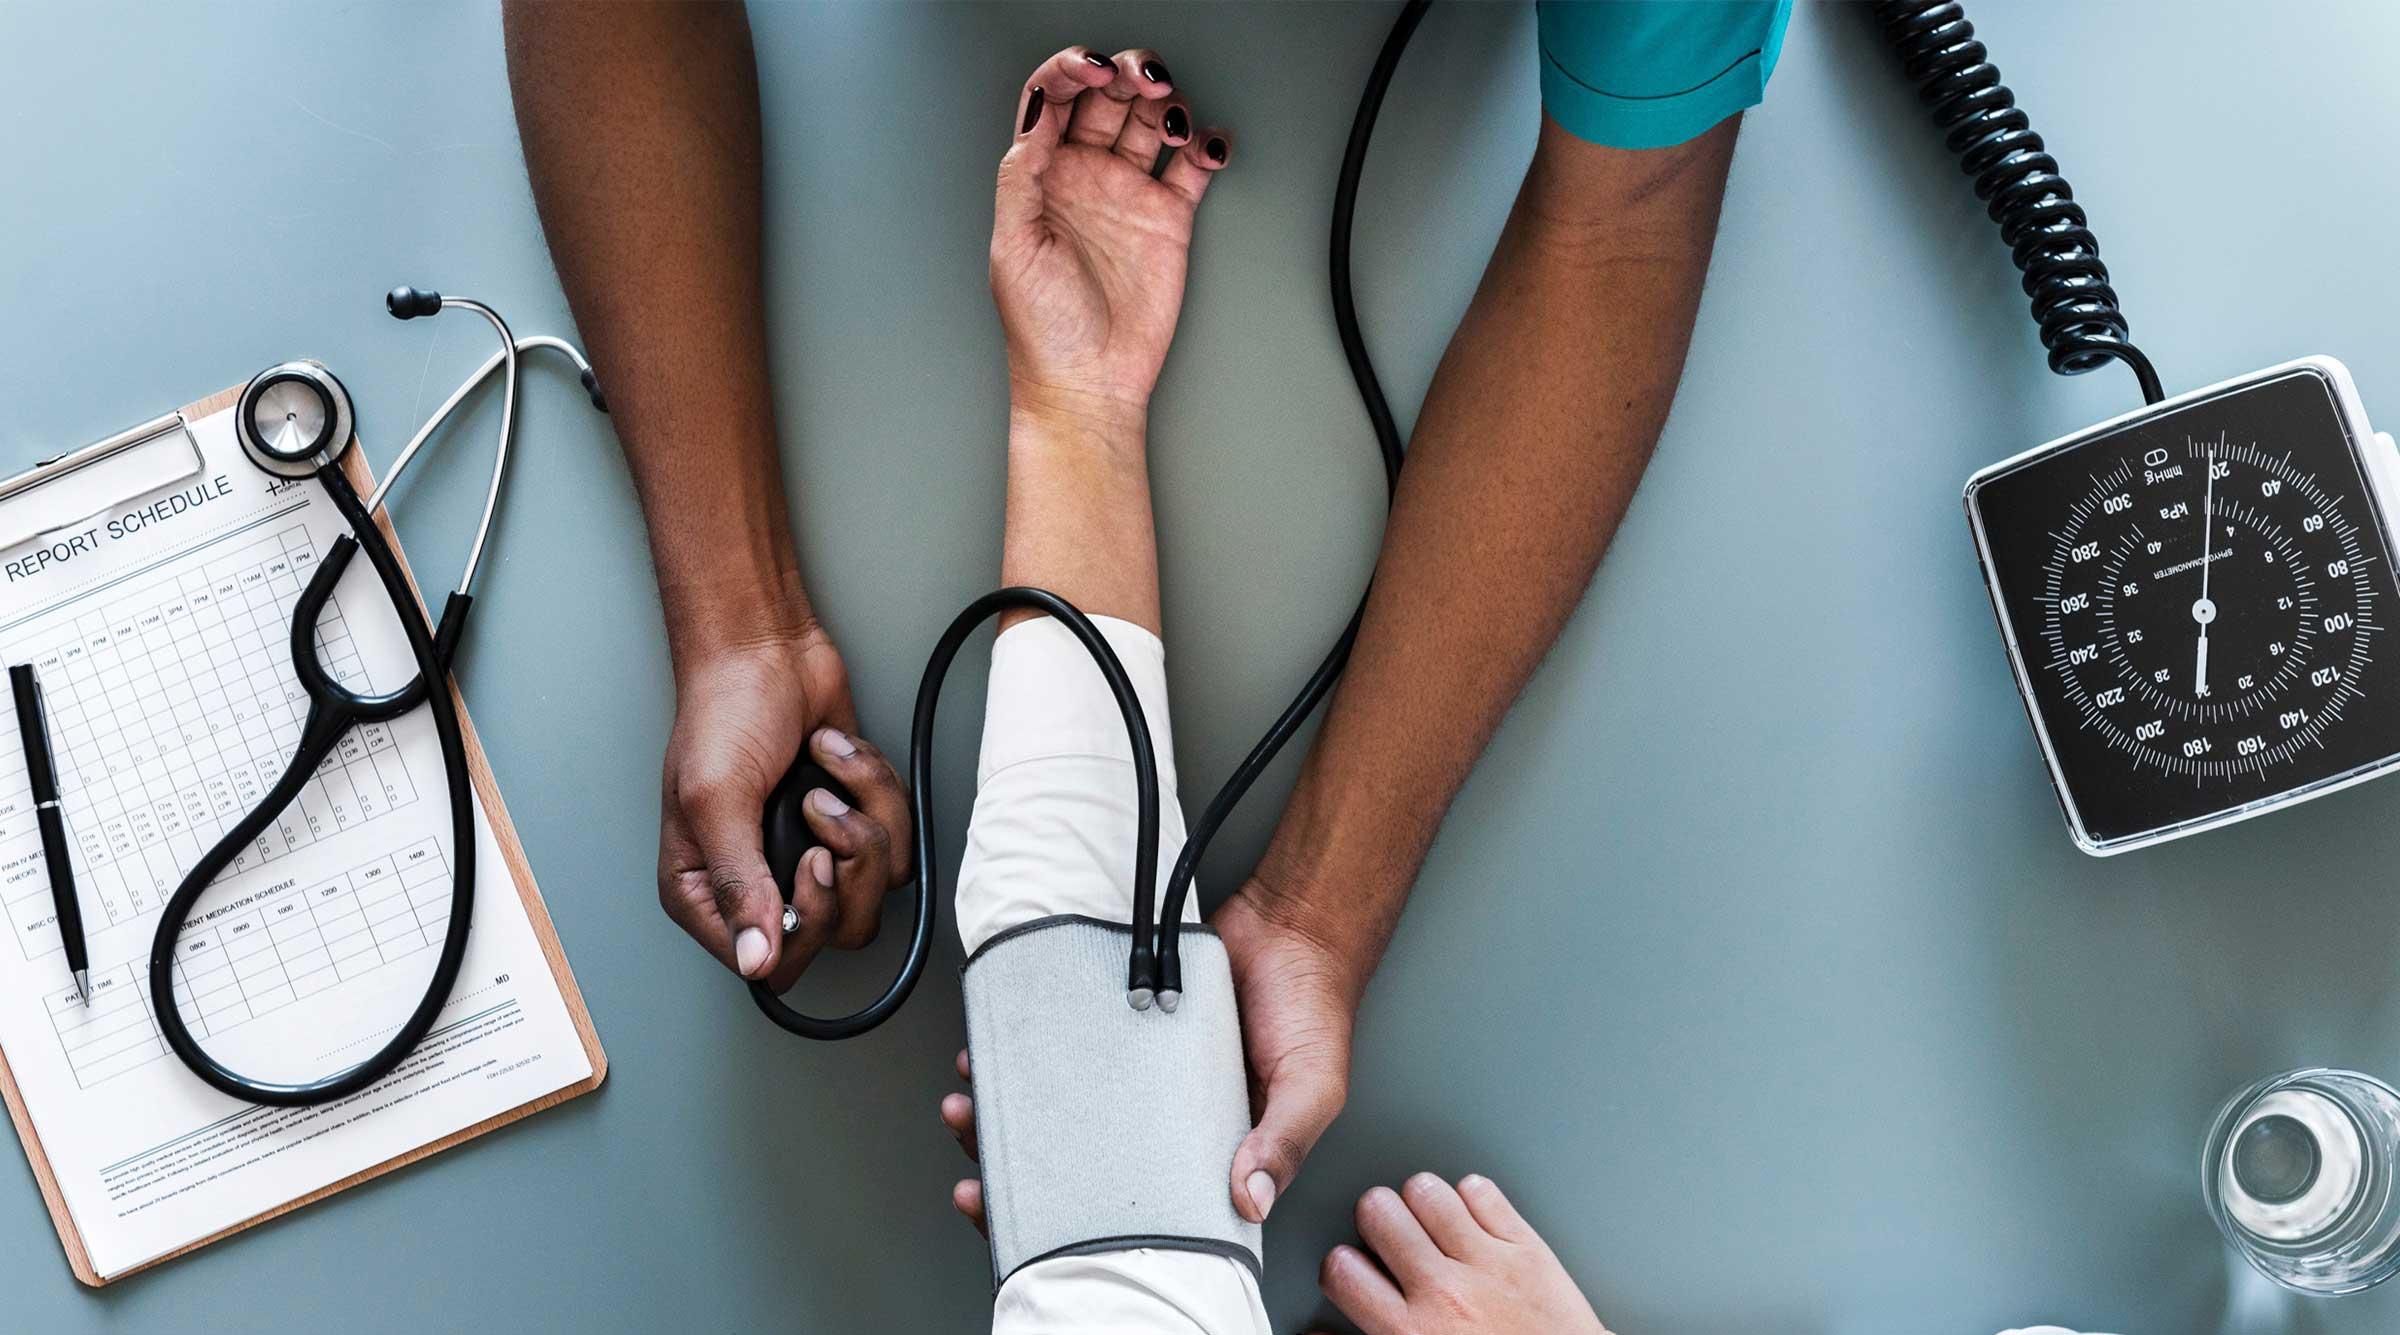 medico-enfermera-hospital-analisis-dmg-360